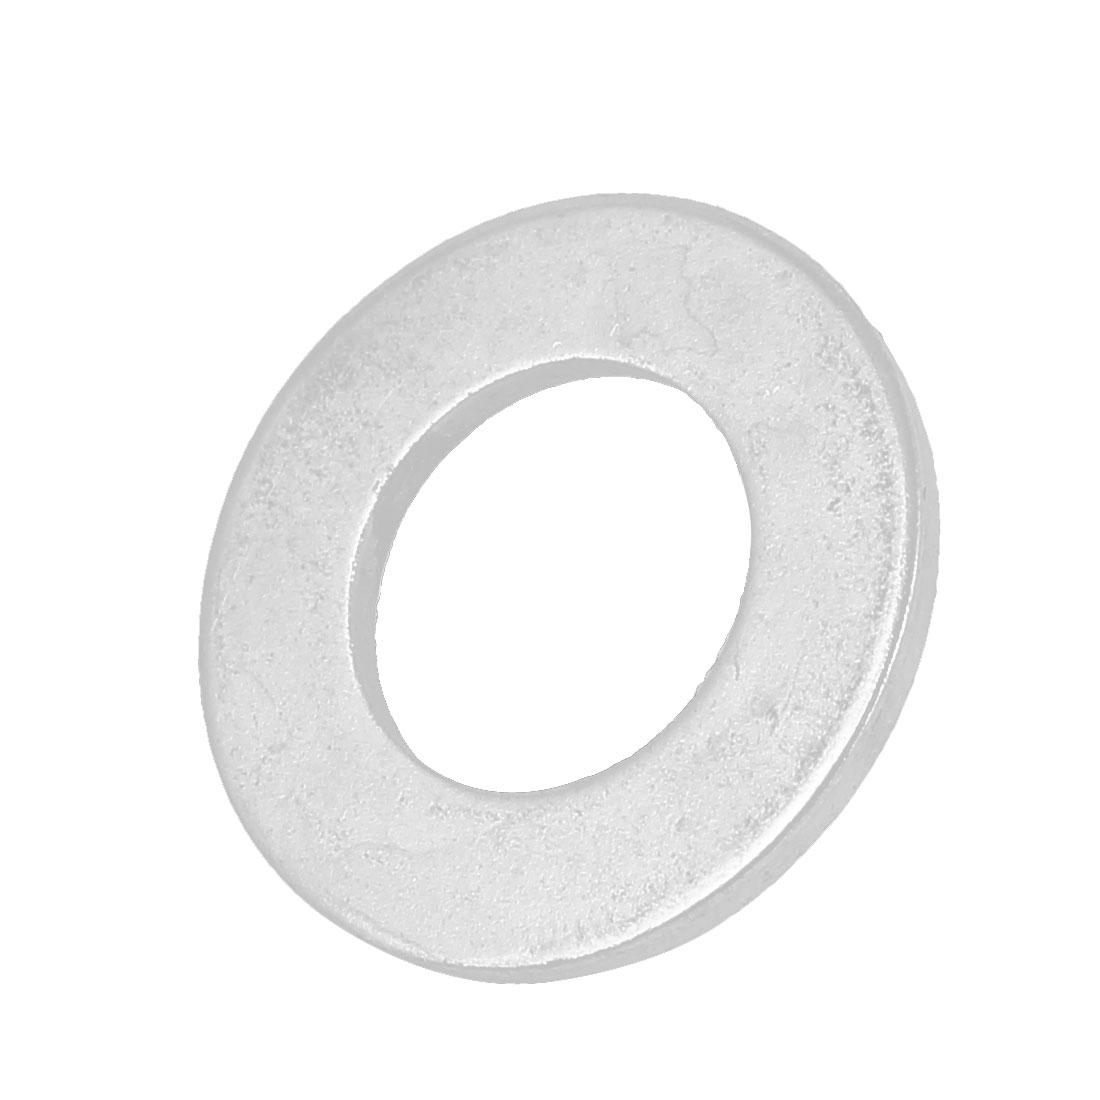 14mm x 28mm x 2mm Zinc Plated Flat Pad Washer Gasket Fastener GB97